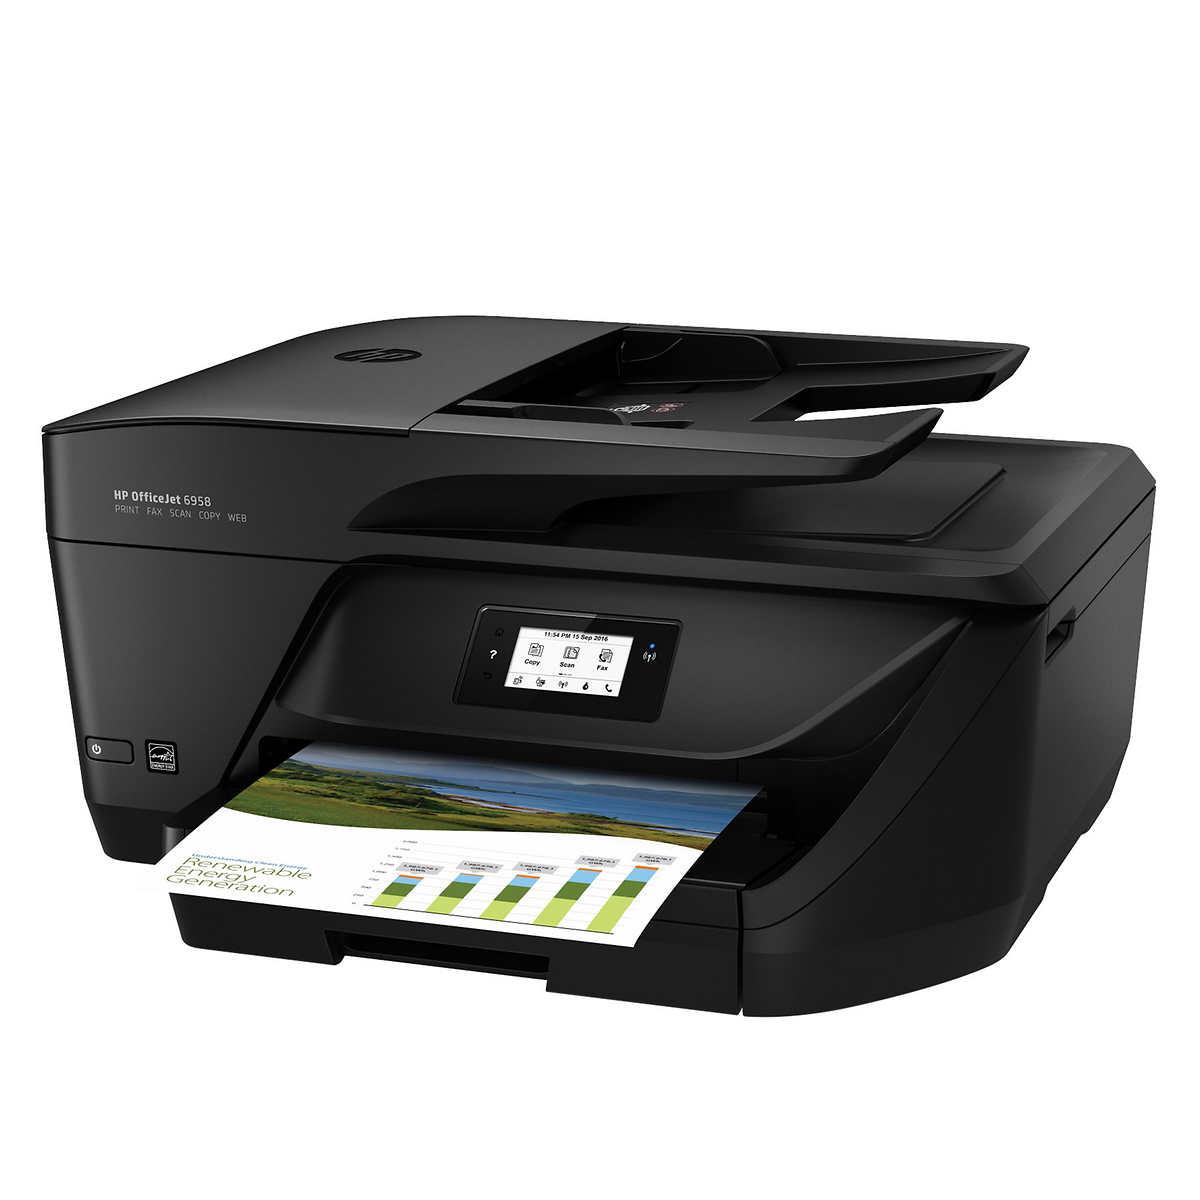 printers costco